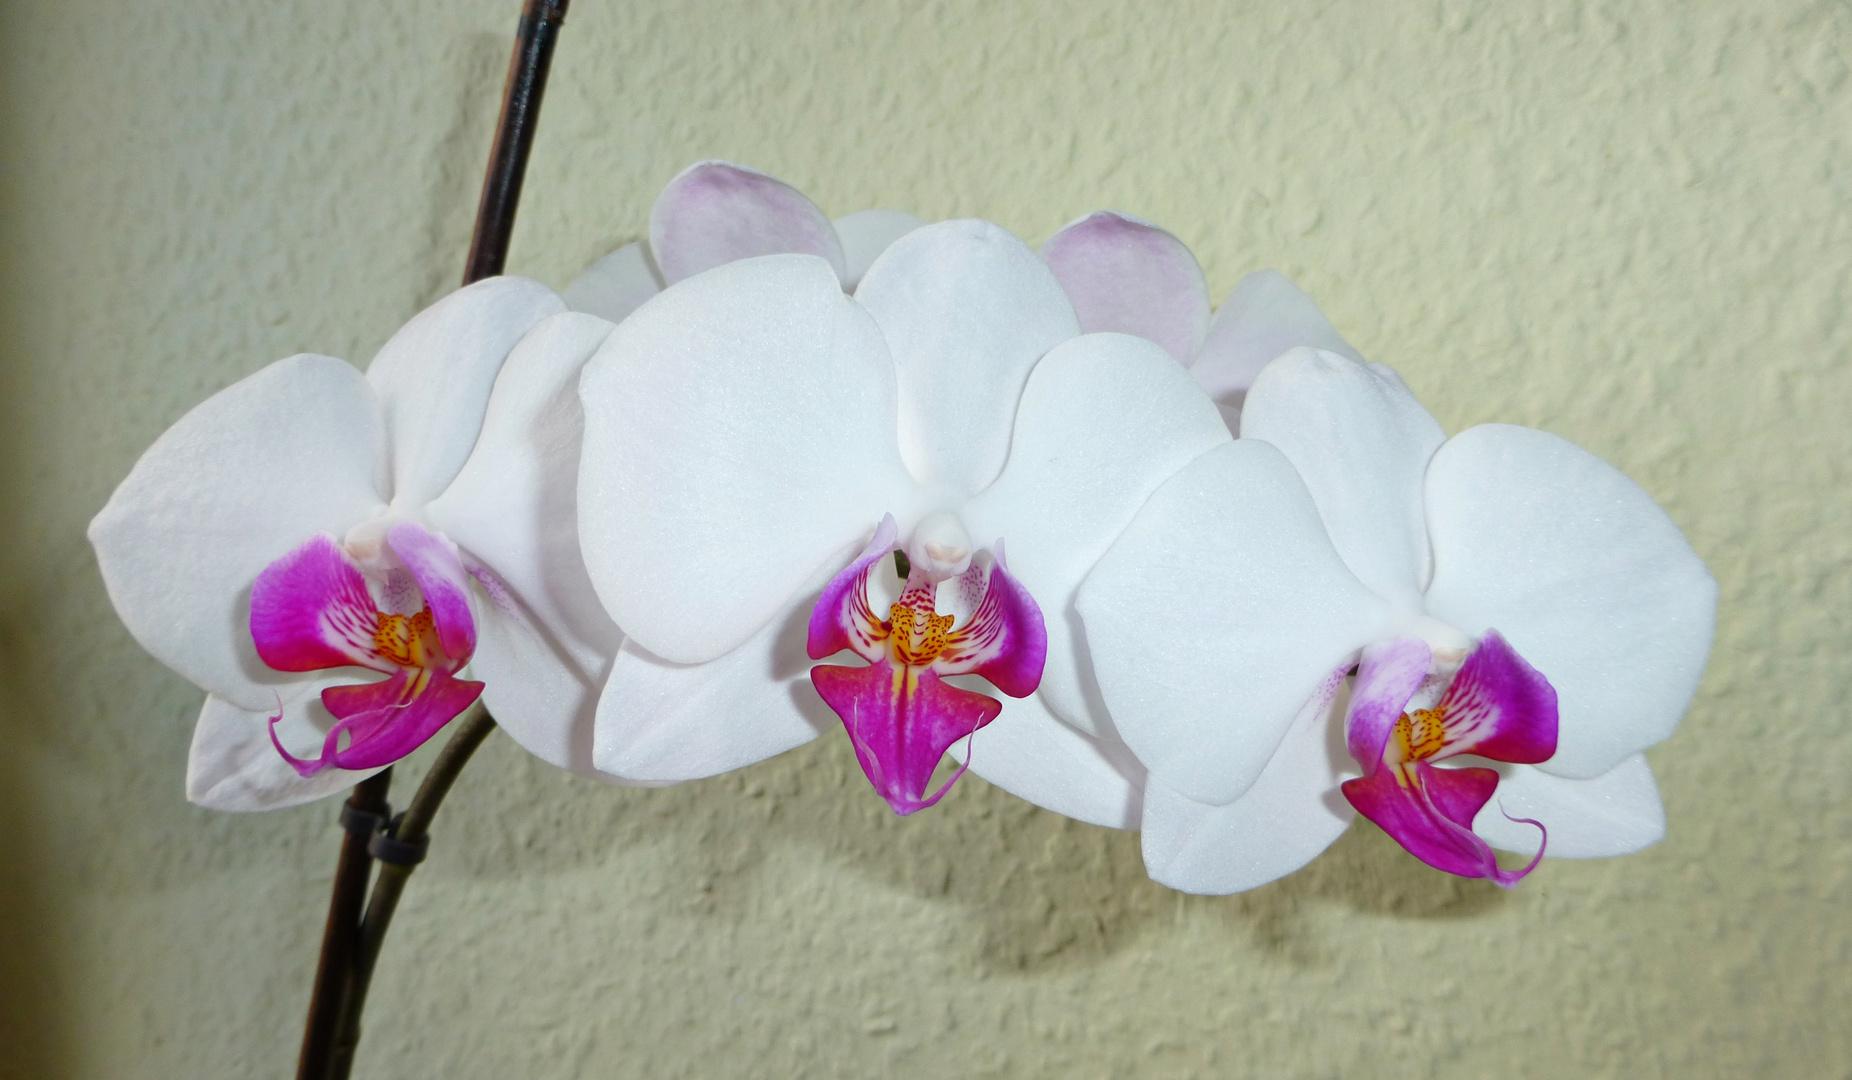 Auch die Orchideenblüten wachsen uns immer wieder zur Freude